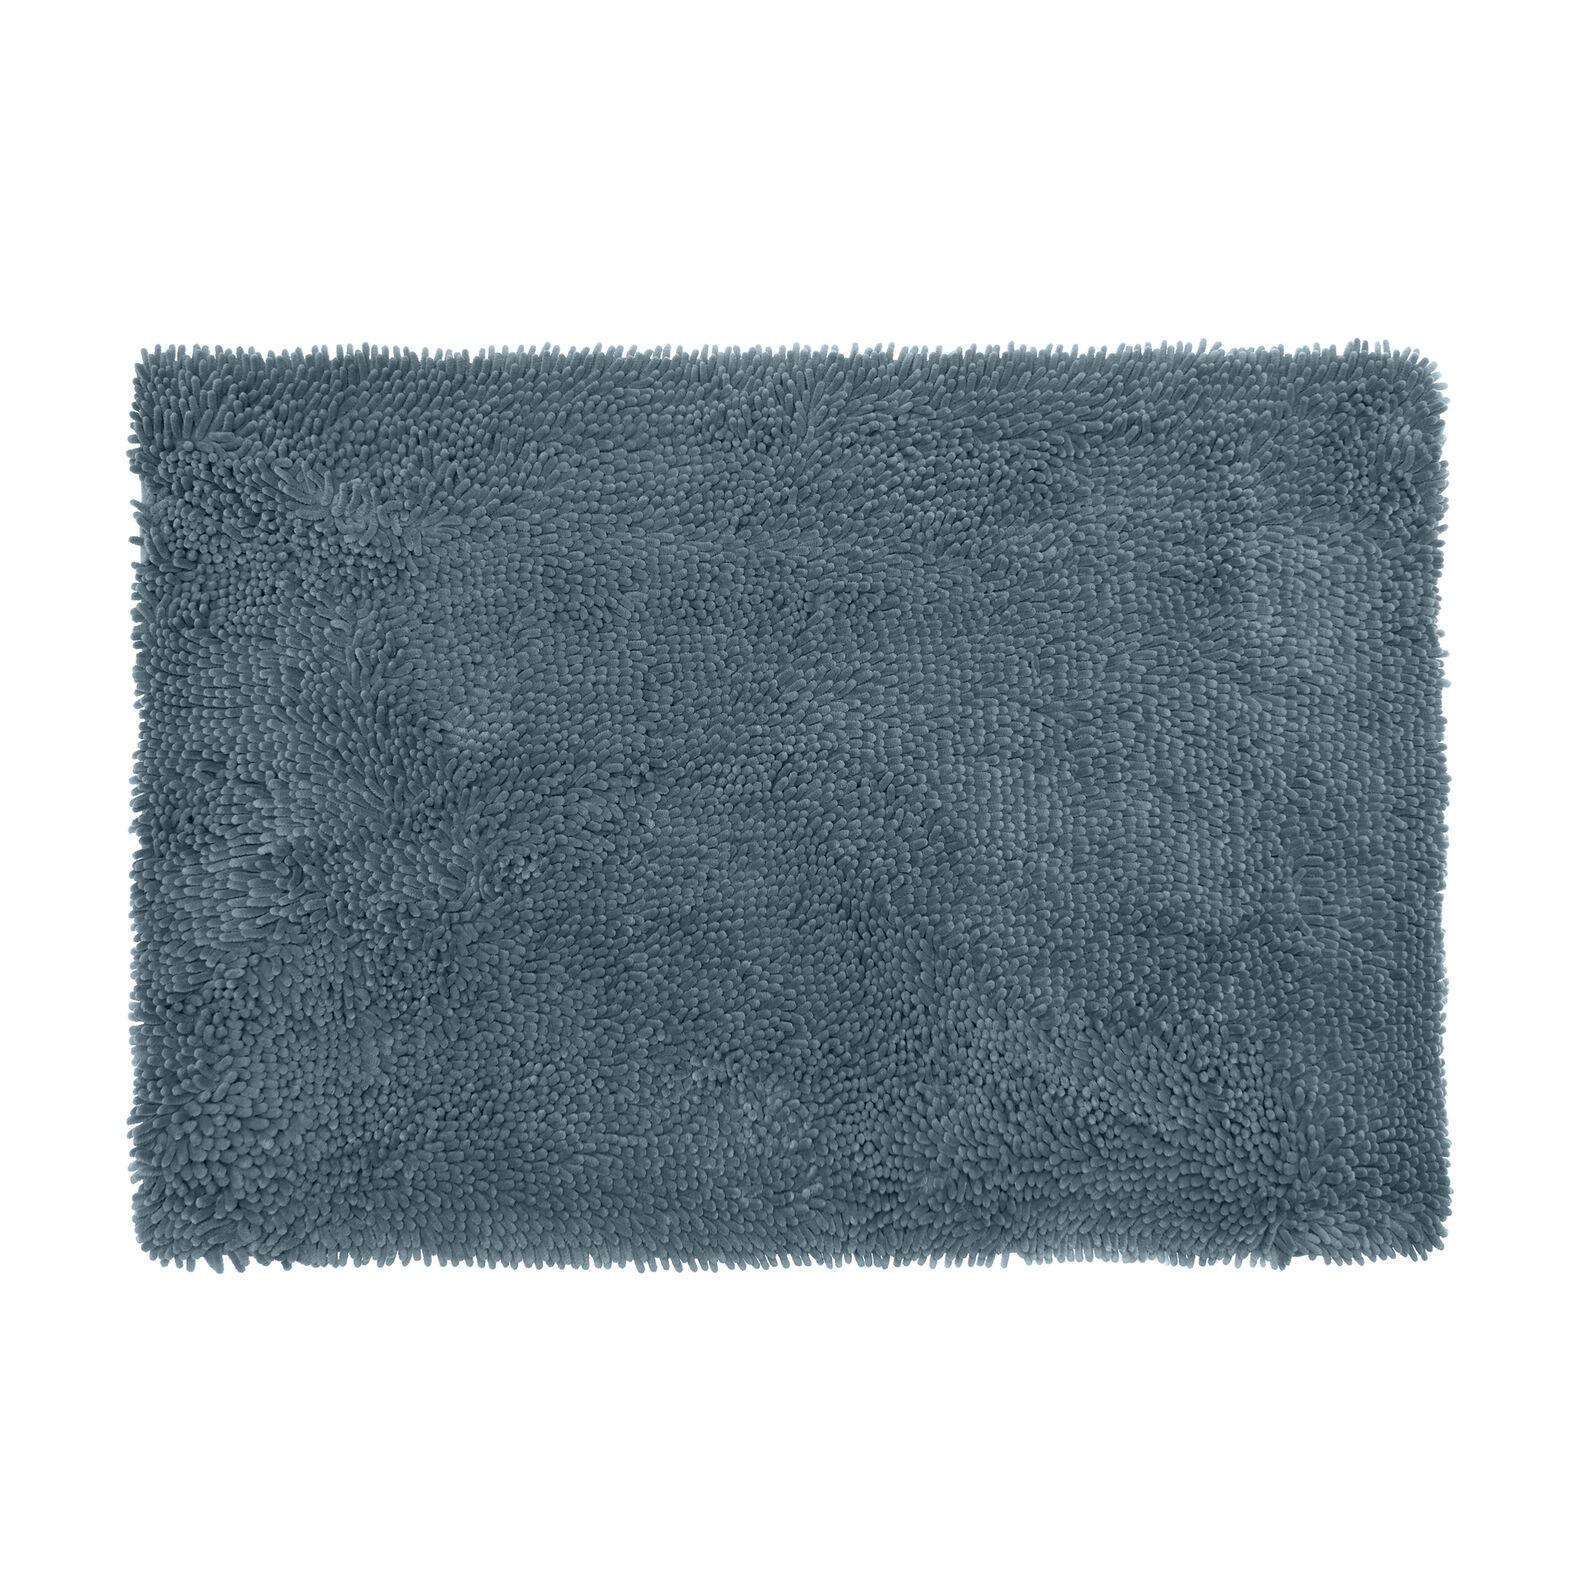 Zefiro Gold shaggy micro fleece bath mat